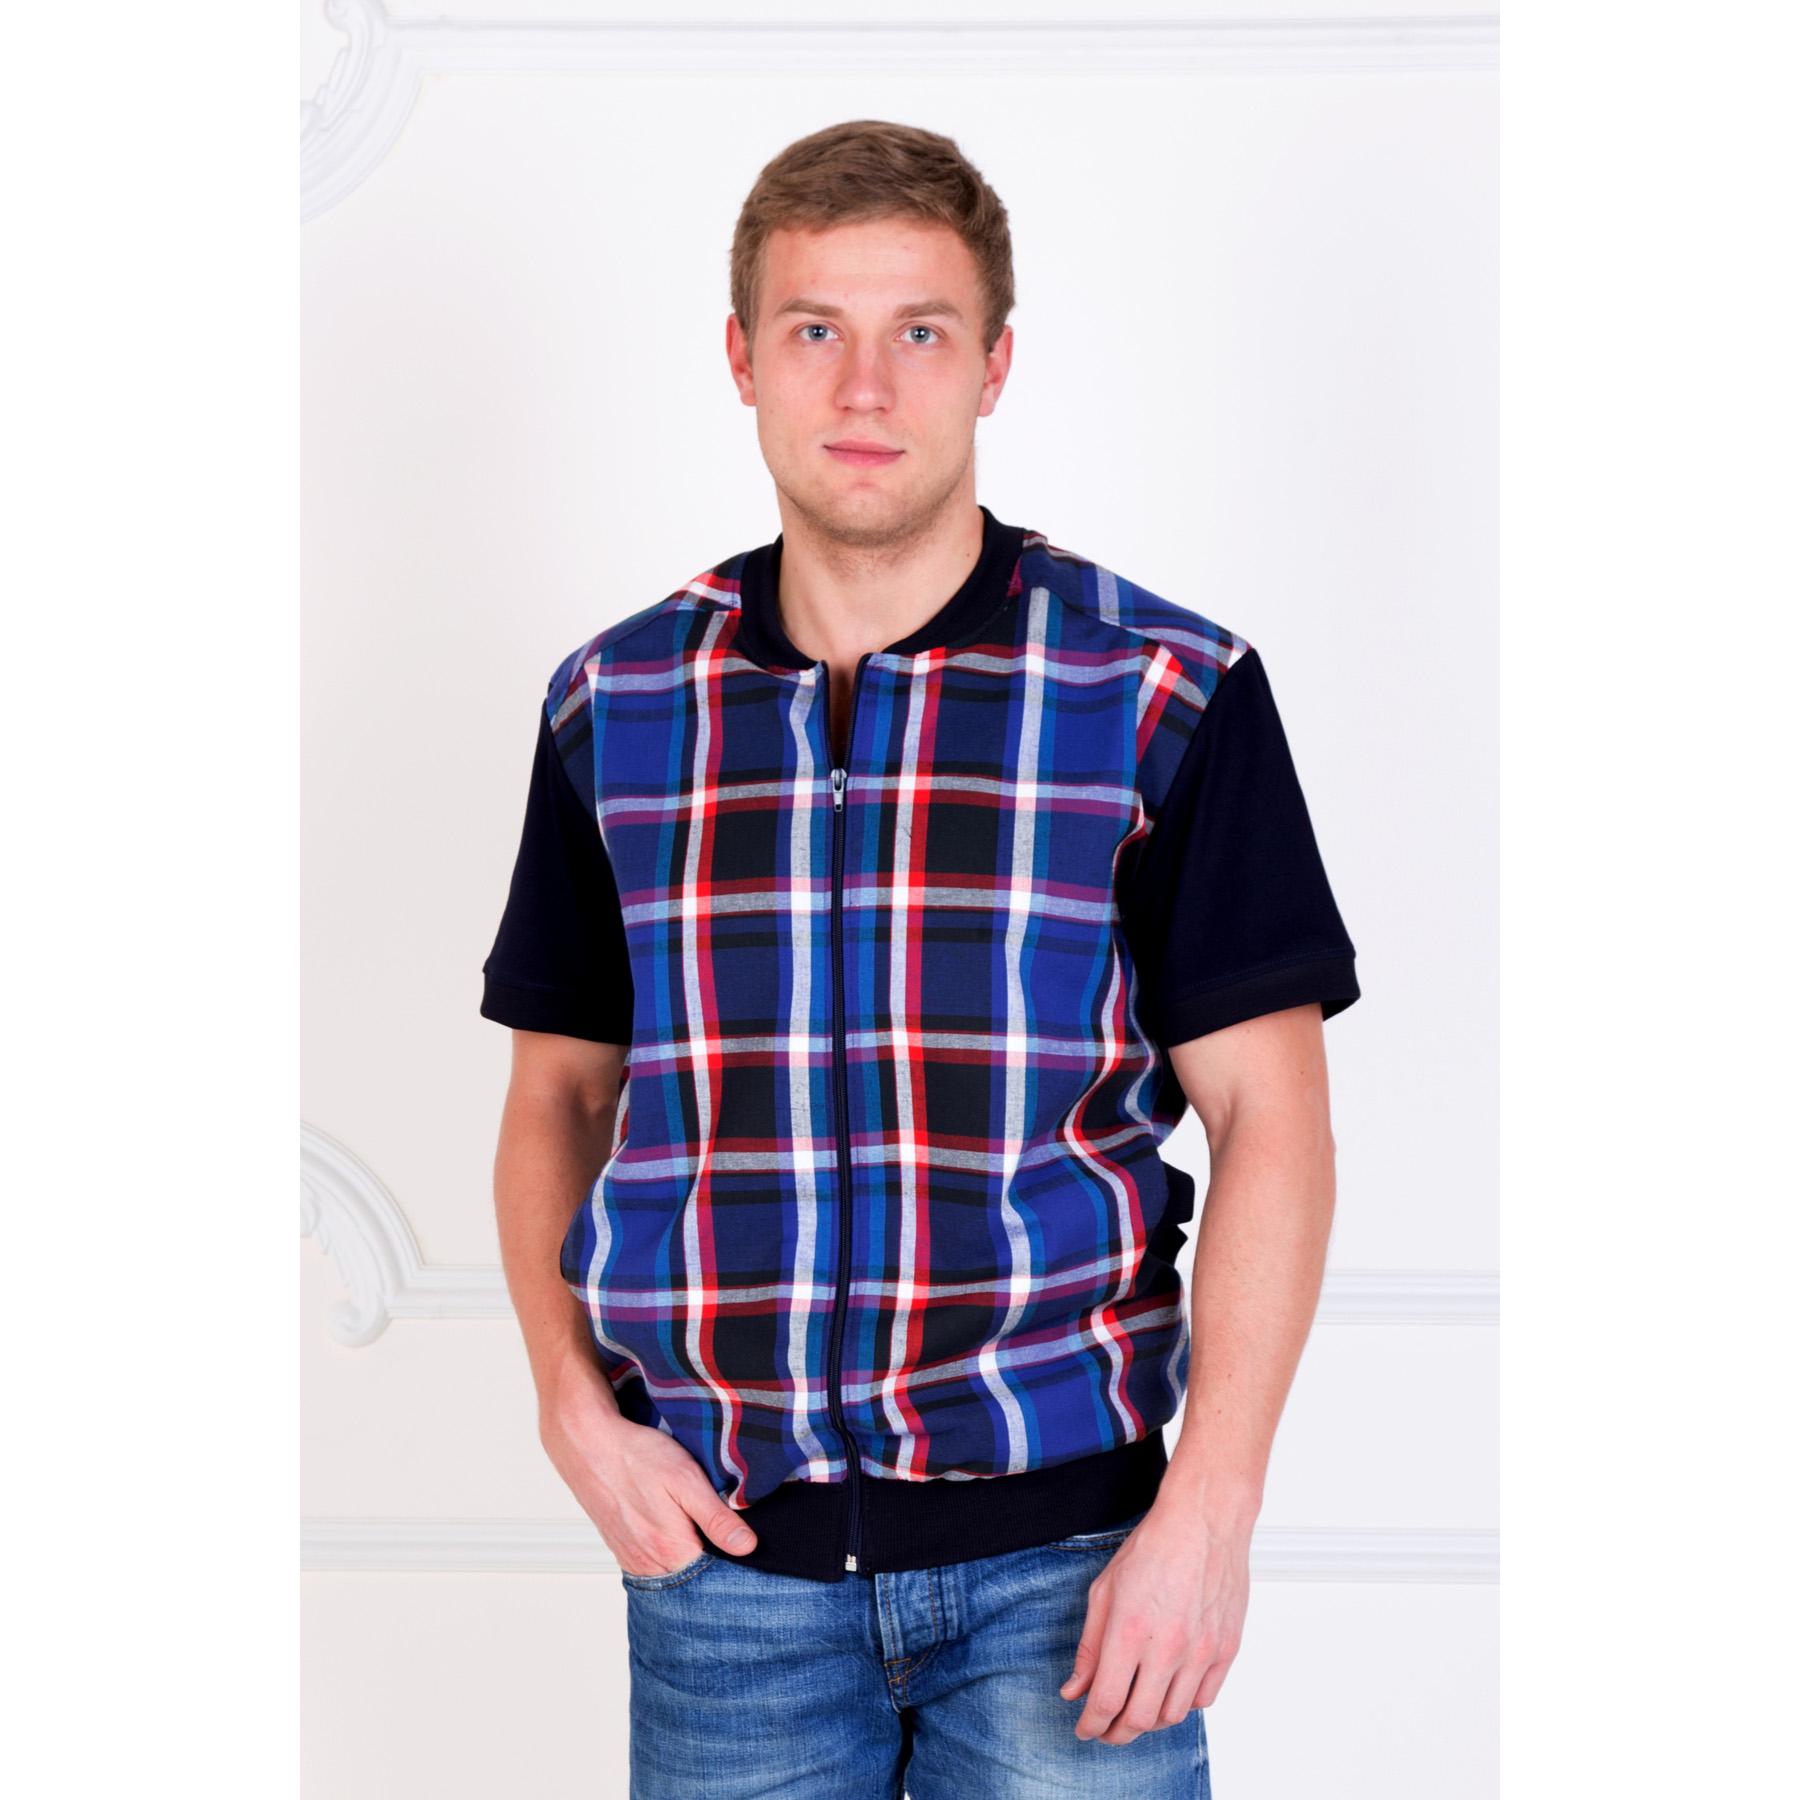 Мужская рубашка «Аполлон» , размер 46 - Мужская одежда артикул: 16676